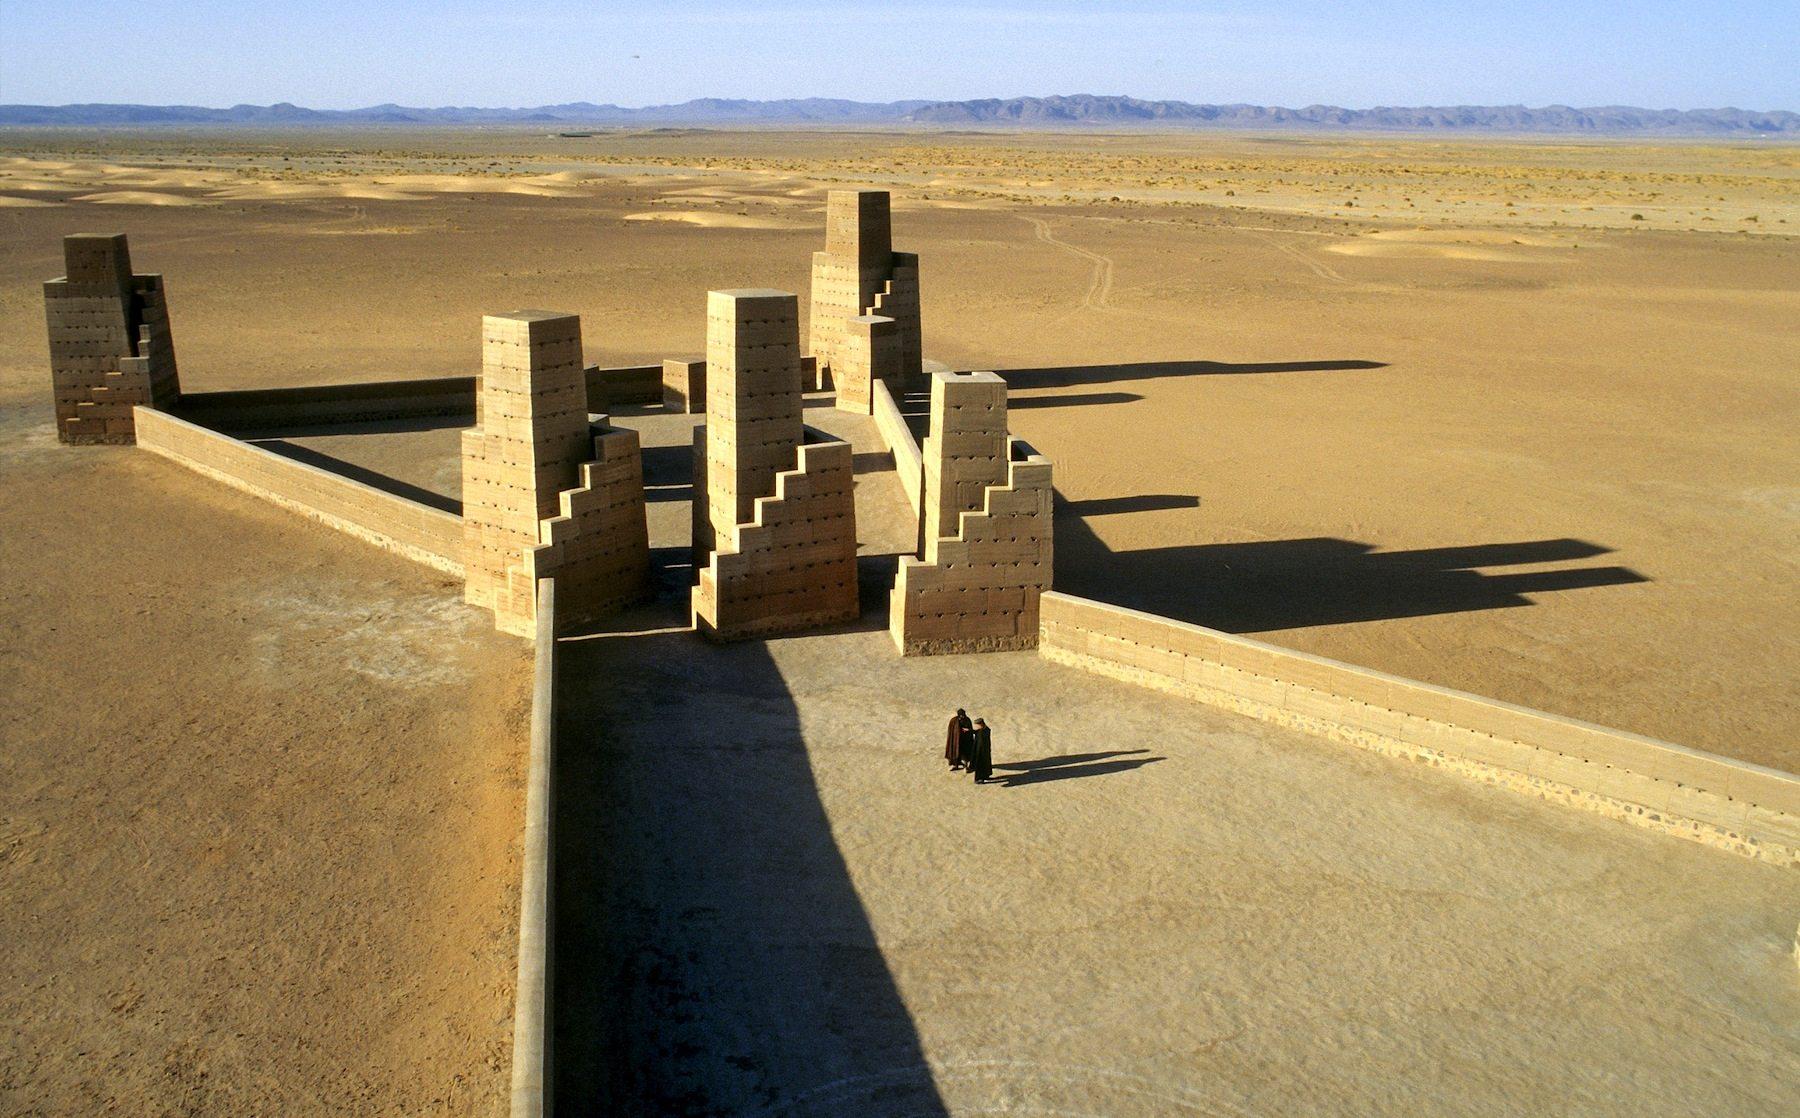 Himmelstreppe und Stadt des Orion.  In der Marha-Ebene, Marokko, von Hannsjörg Voth. Die Himmeltreppe errichtete Voth von 1980 bis 1987 und die Stadt des Orion von 1997 bis 2003, zwei Kunstwerke aus Stampflehm.